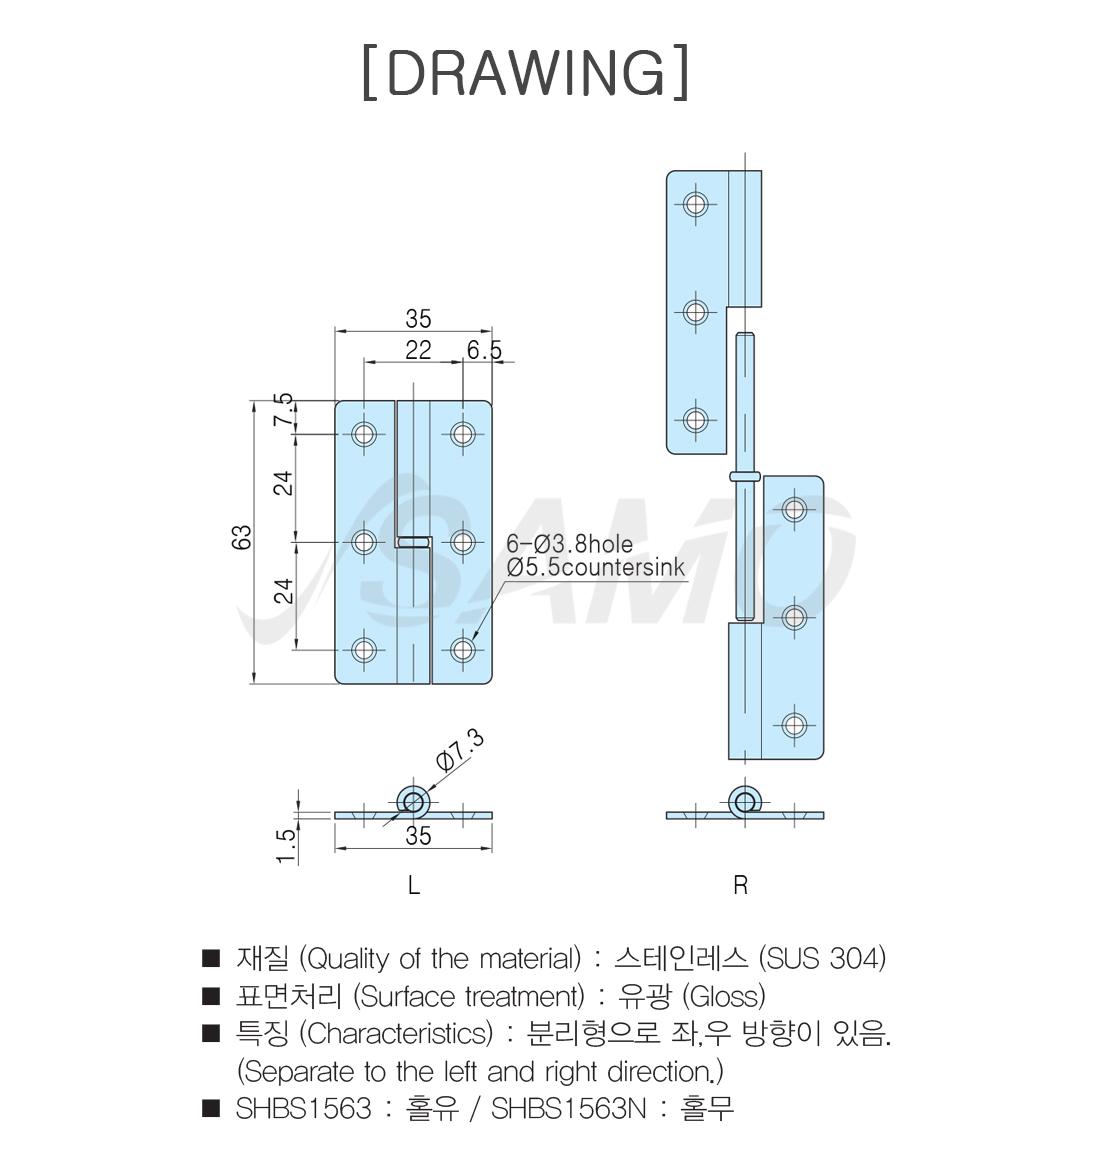 A130_SHBS-1563(N)_2.jpg